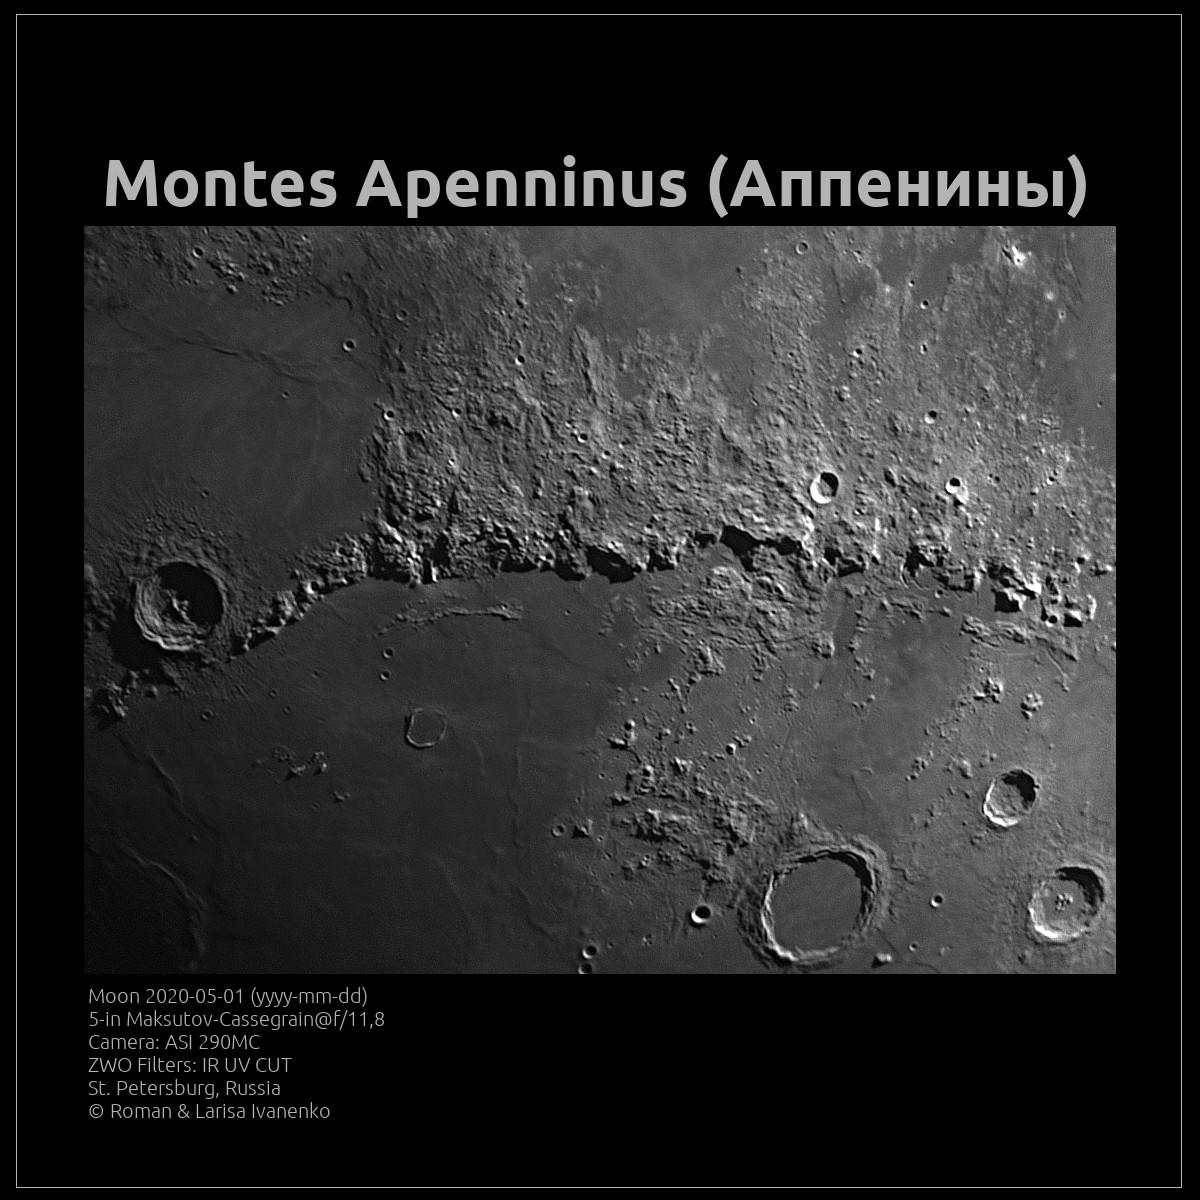 Фото Луны 01 мая 2020 года в MAK127 мм